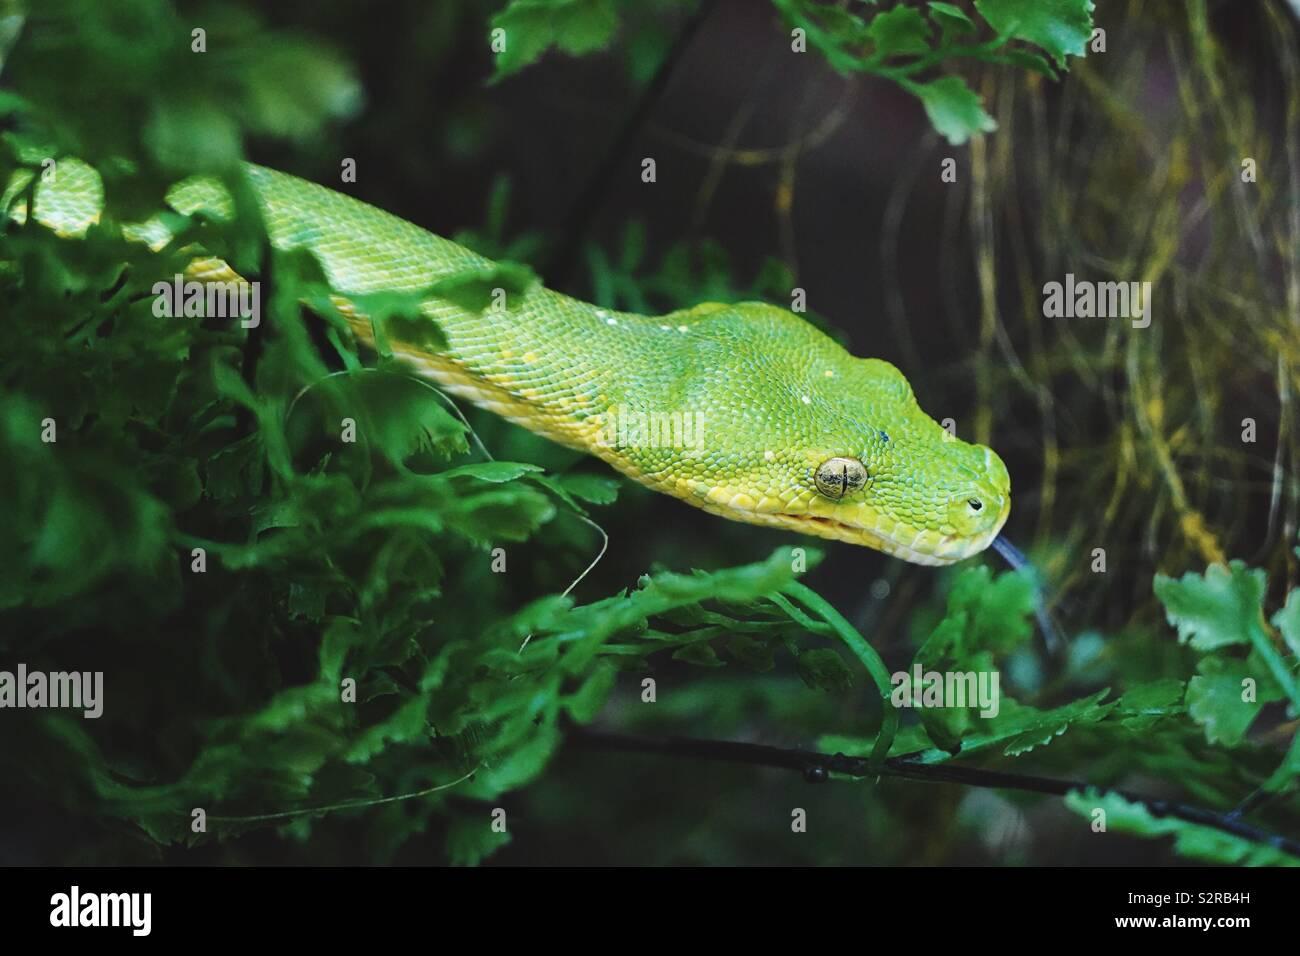 Green Tree python persiguiendo a su presa a través de la maleza y los árboles. Imagen De Stock